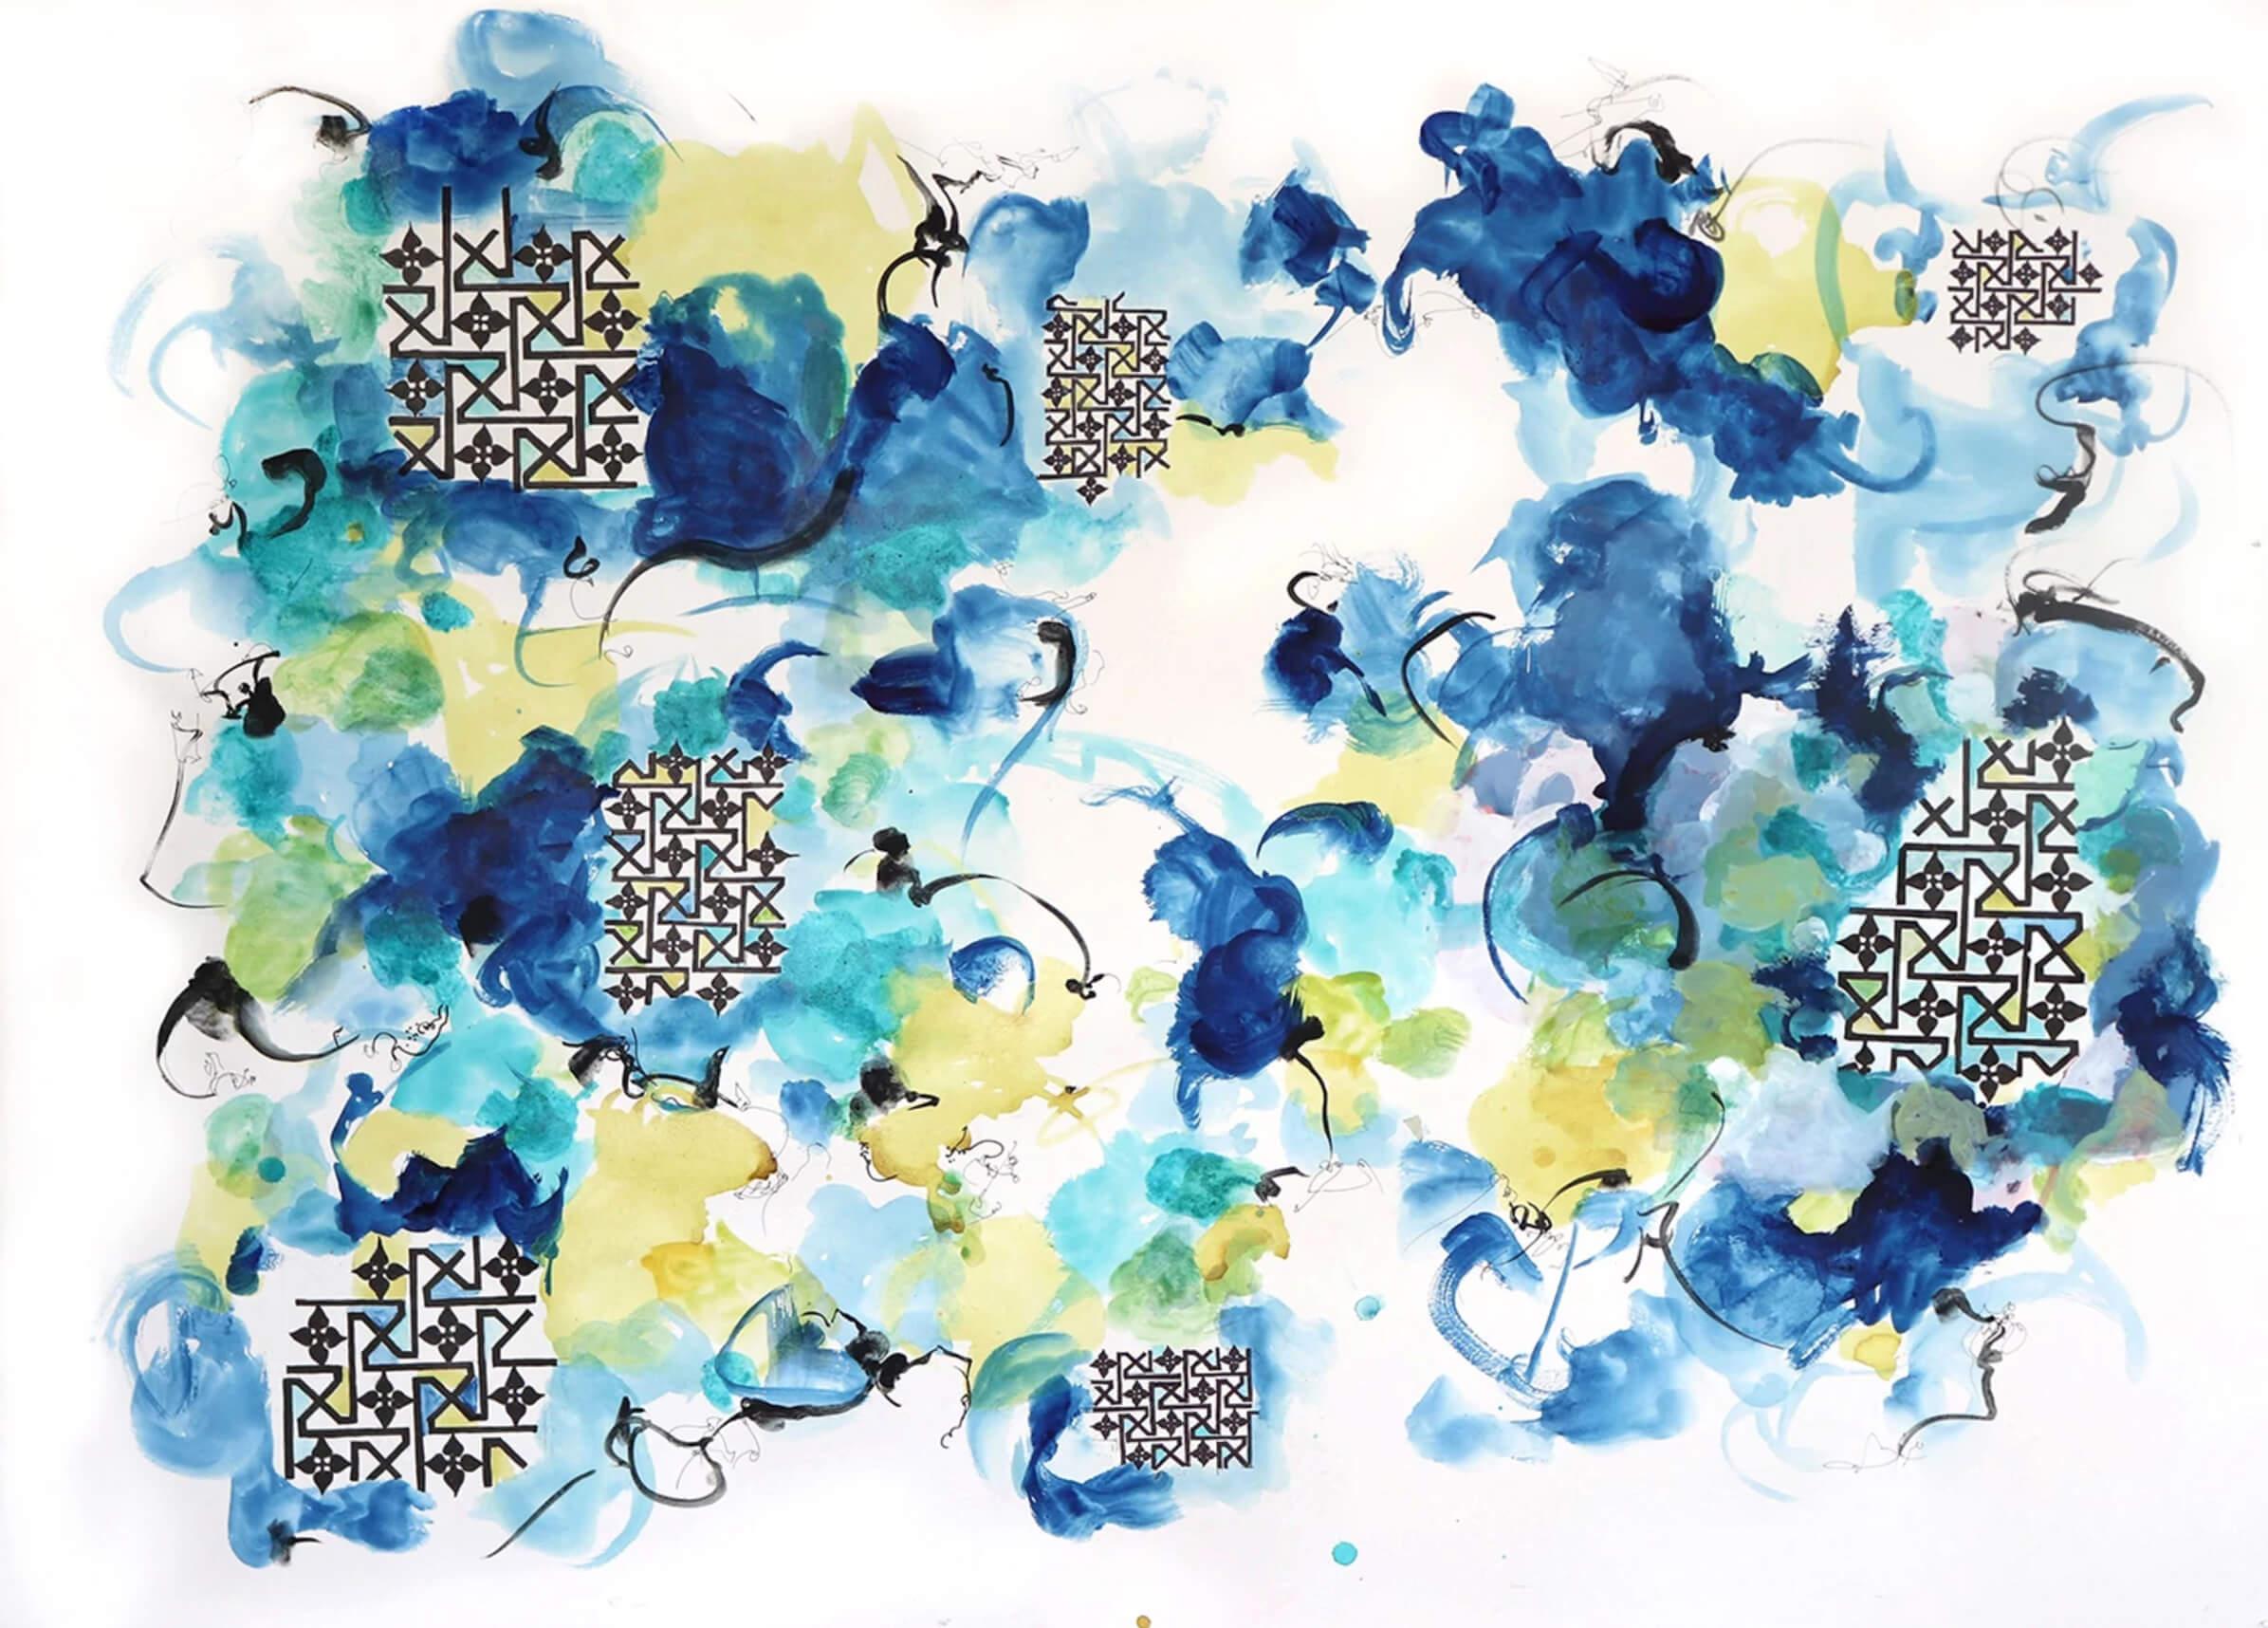 Geometry of Summer by Saya Behnam